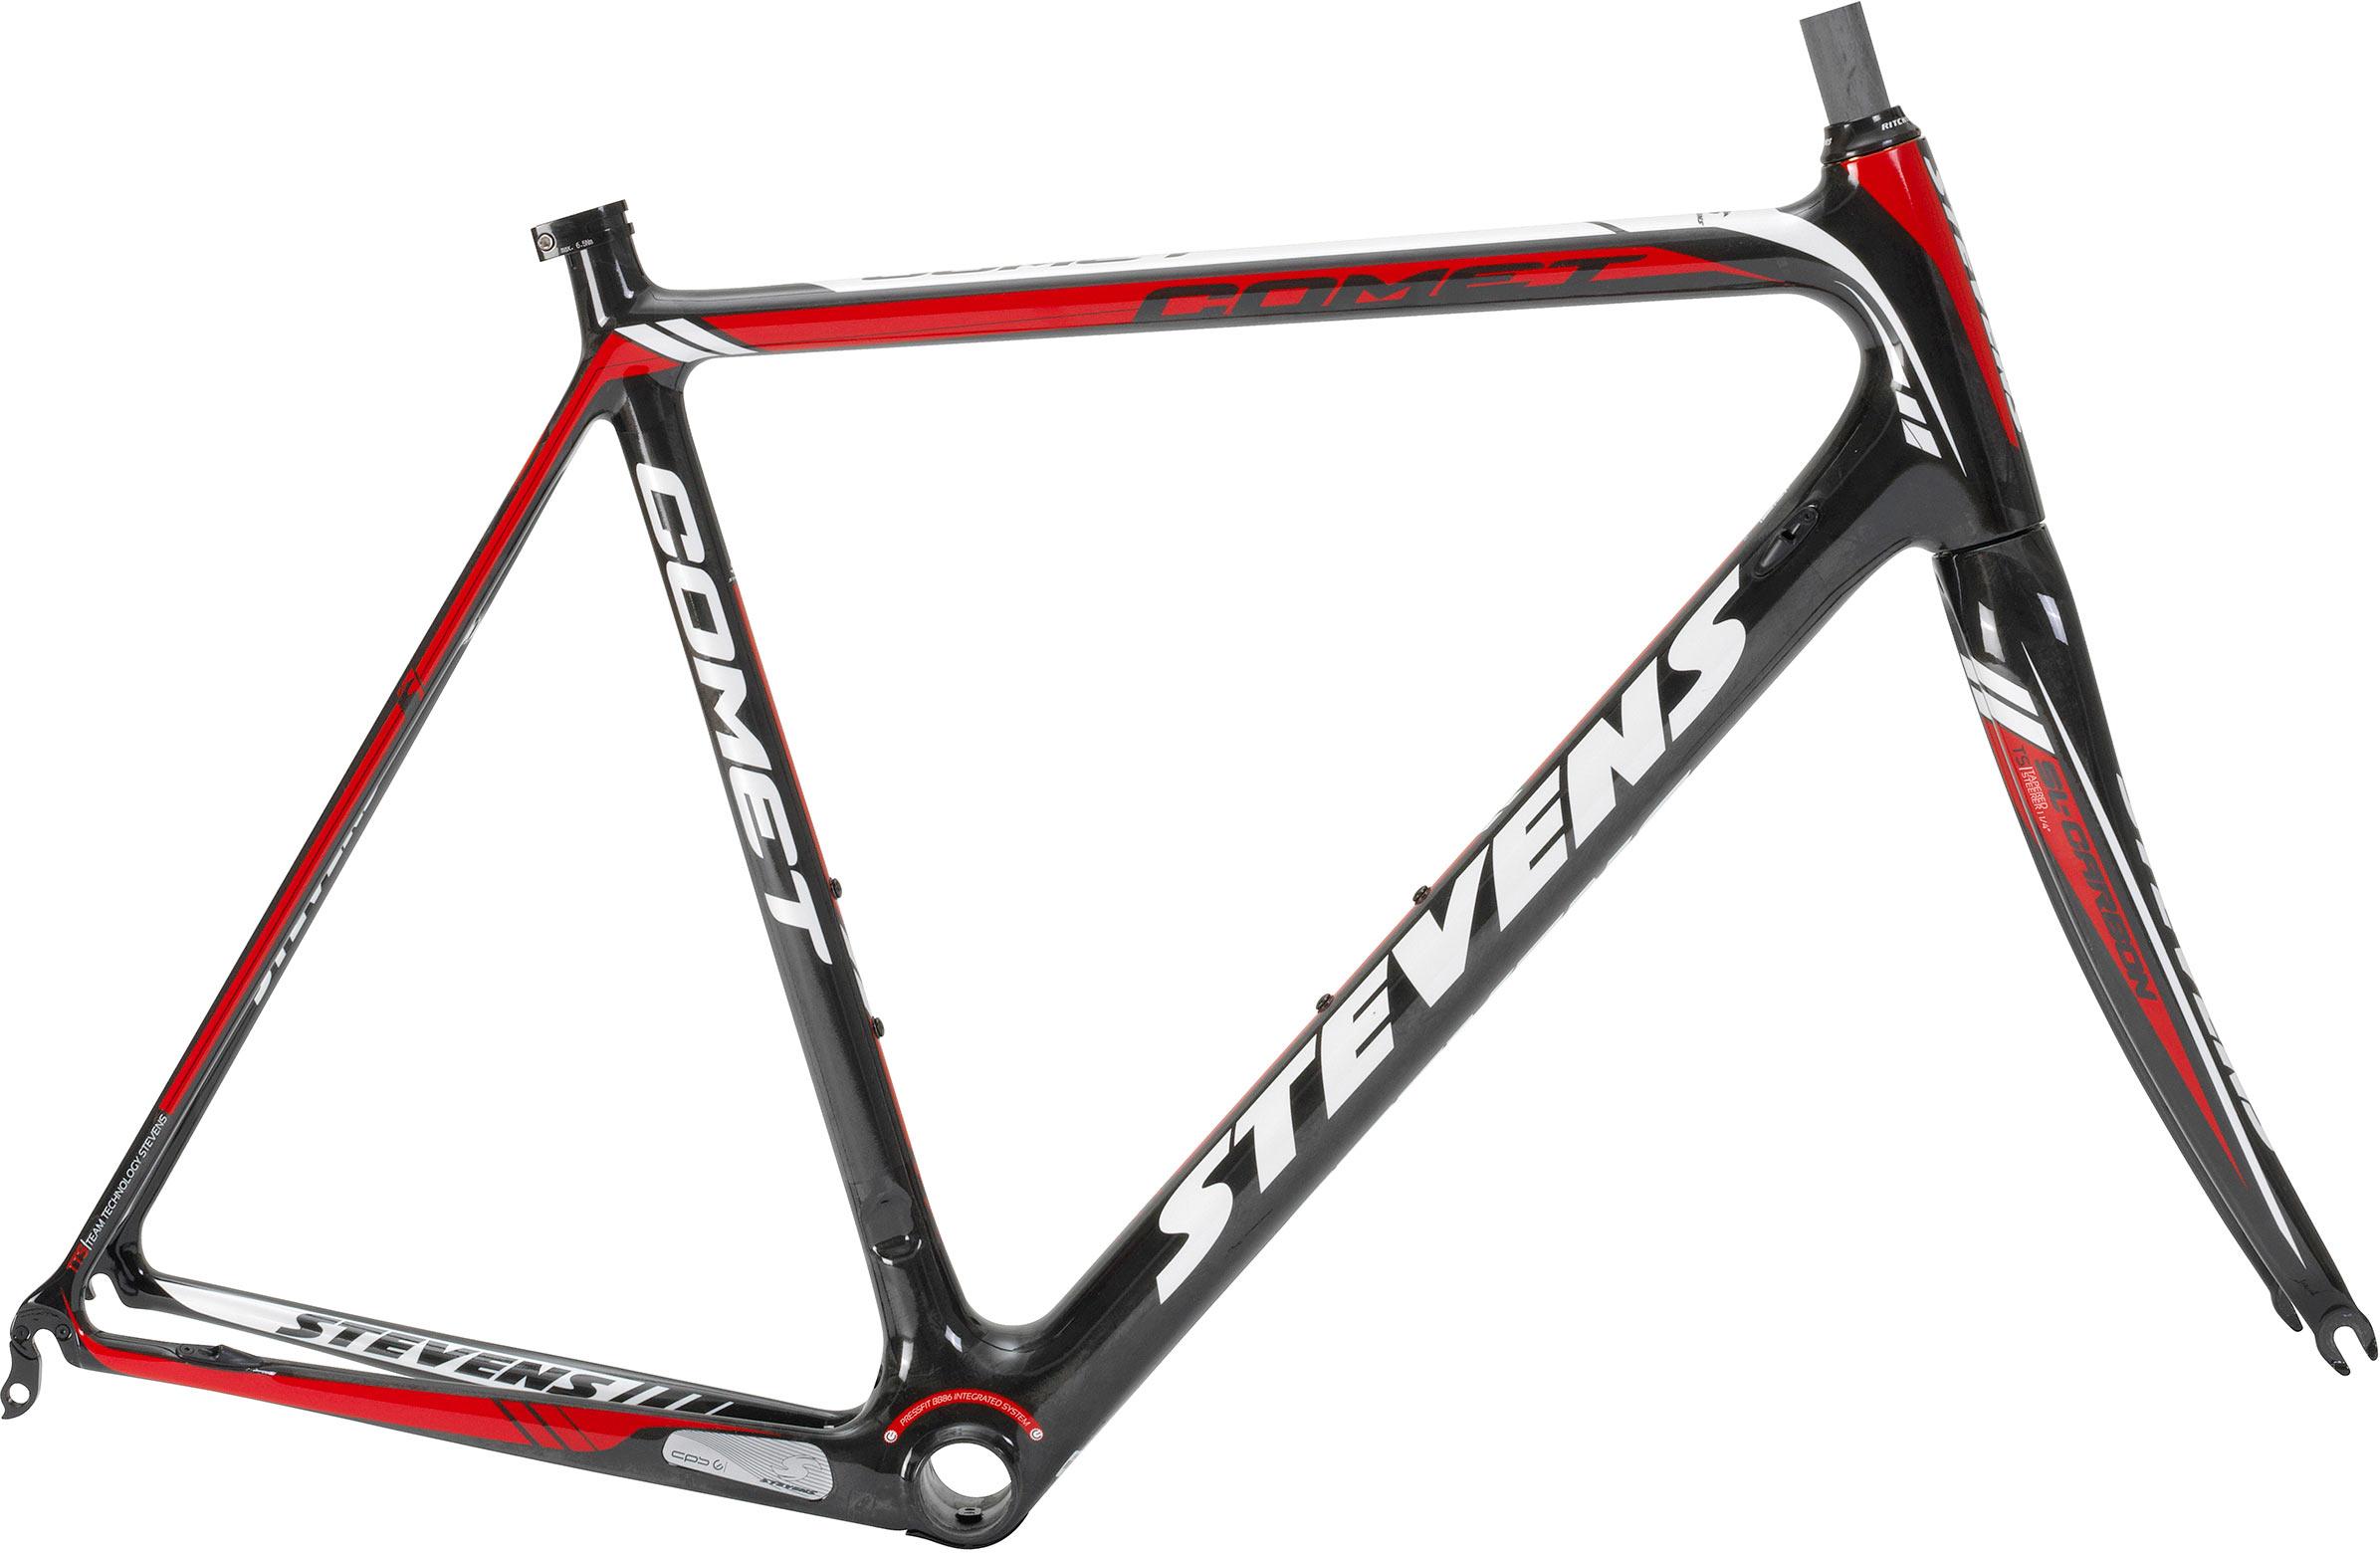 Comet - Stevens Bikes 2016